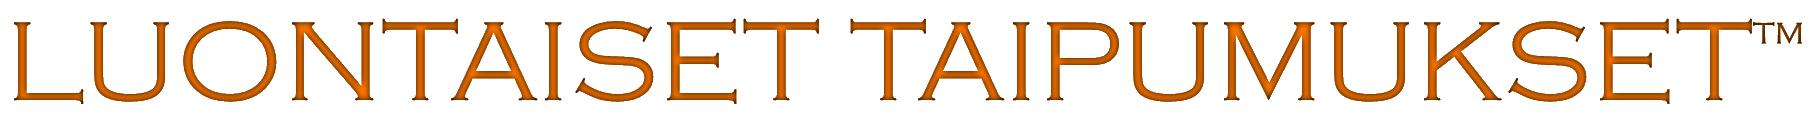 3-0-logo_1rivilla_ver3_ilmantaustaa